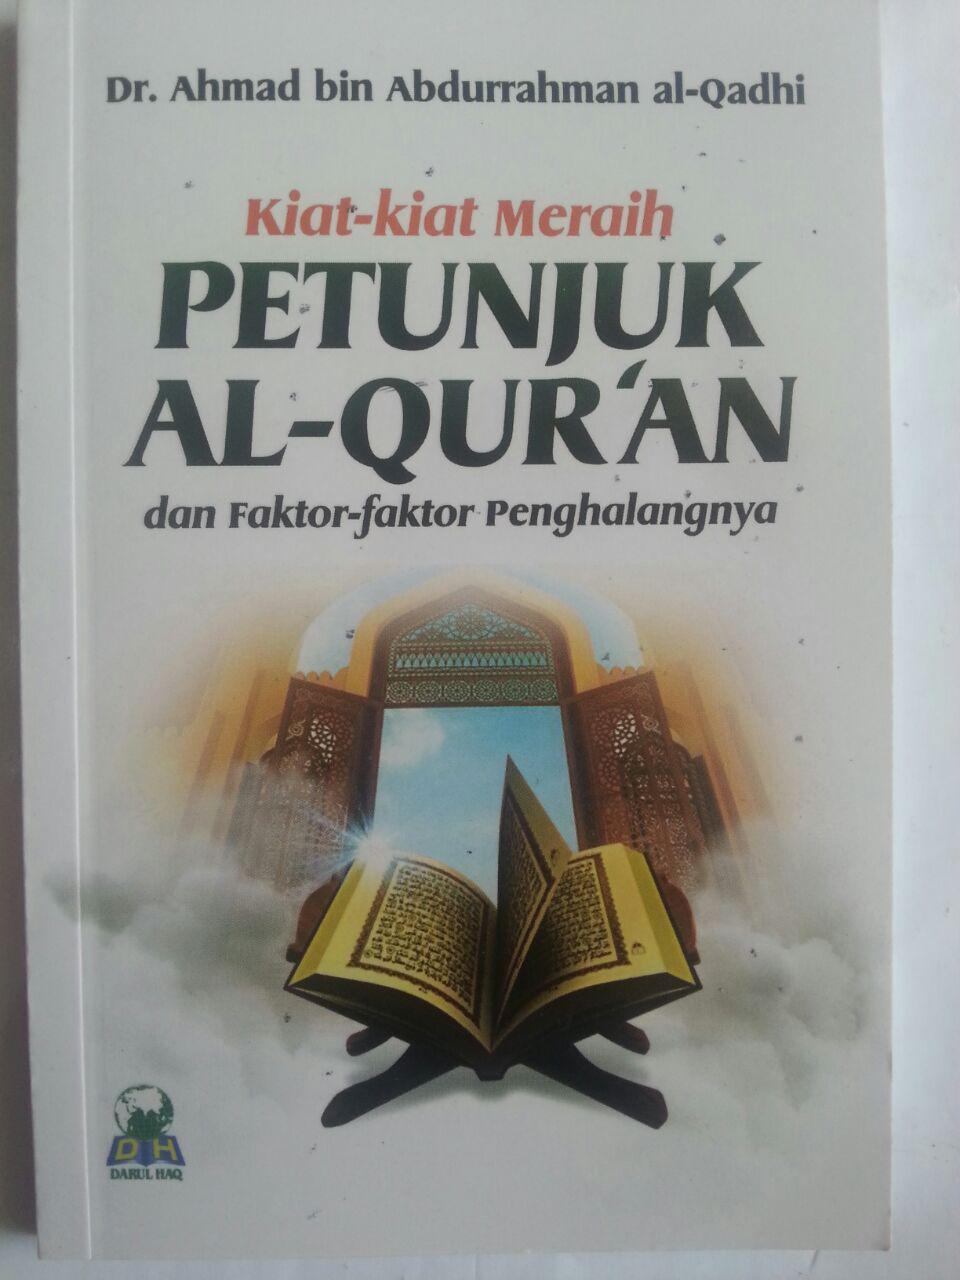 Buku Kiat-Kiat Meraih Petunjuk Al-Qur'an Dan Faktor Penghalang cover 2